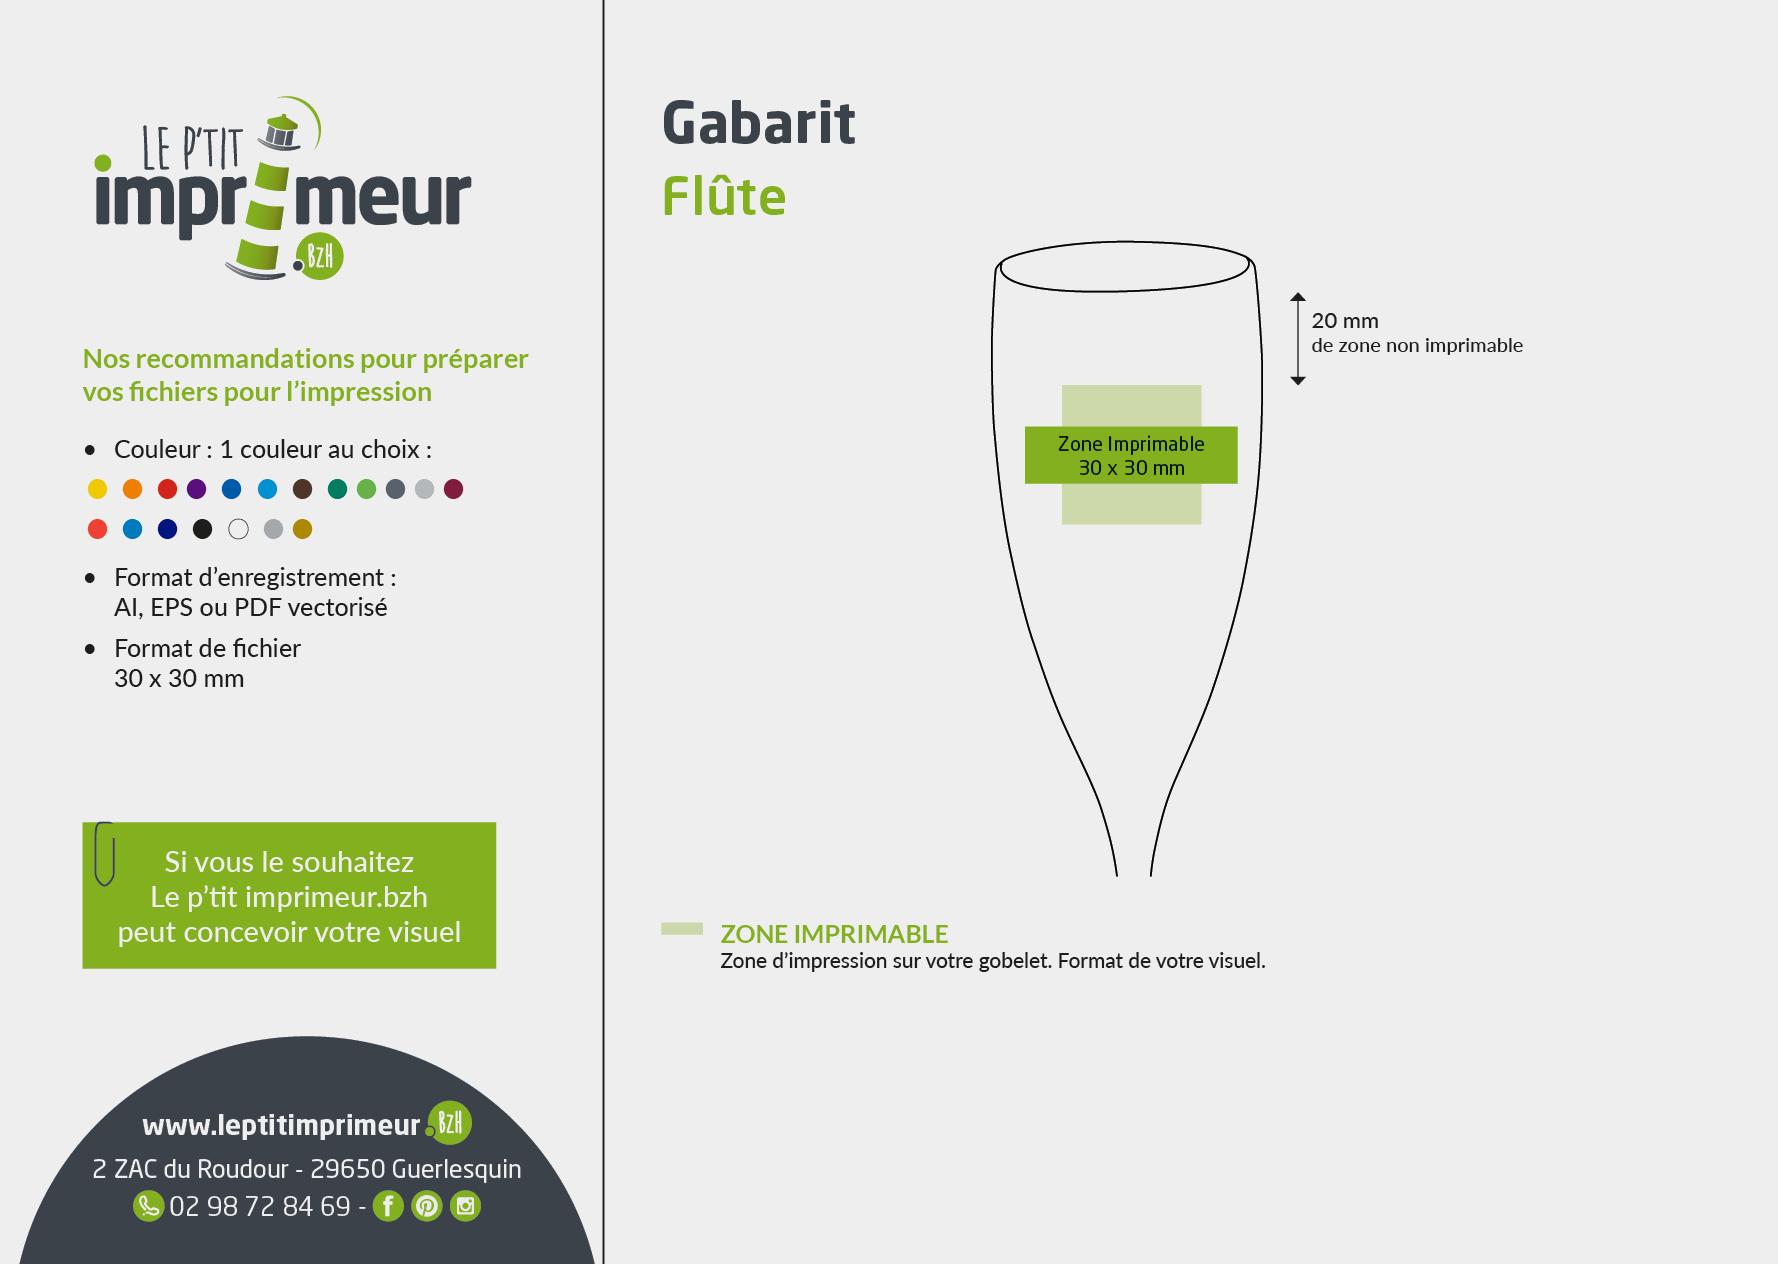 Gabarit flute à champagne personnalisée